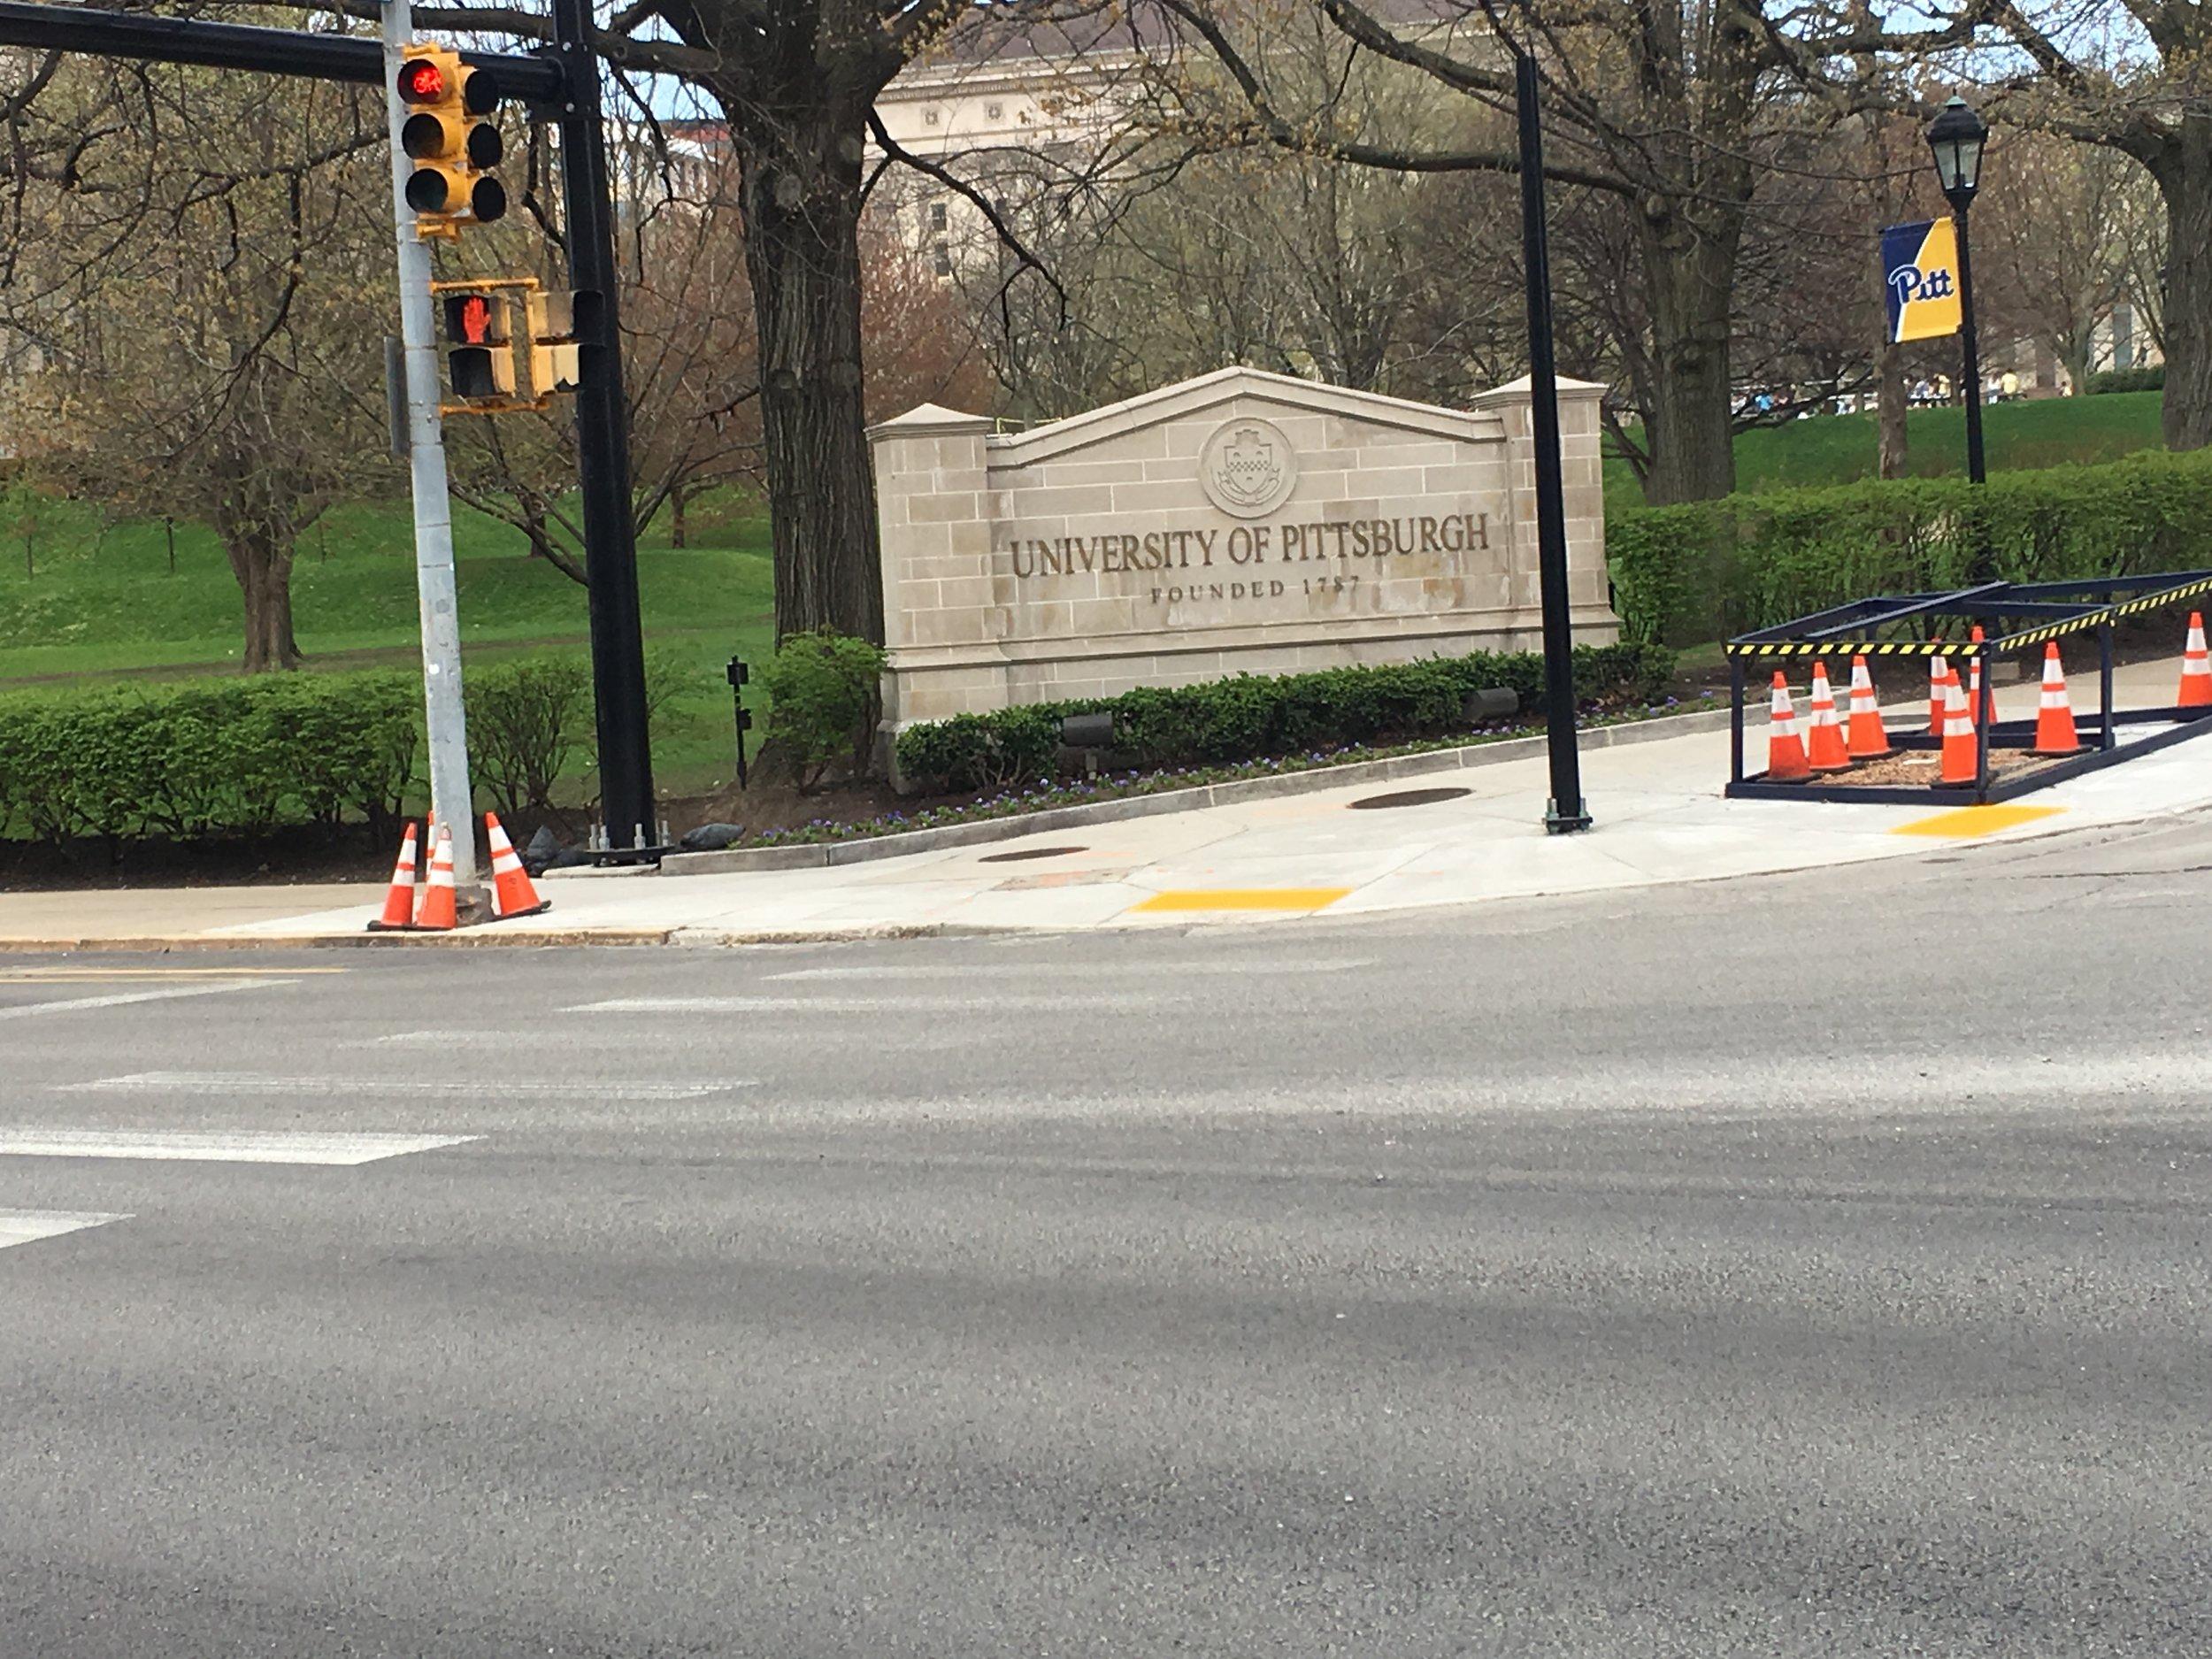 Beautiful University of Pittsburgh